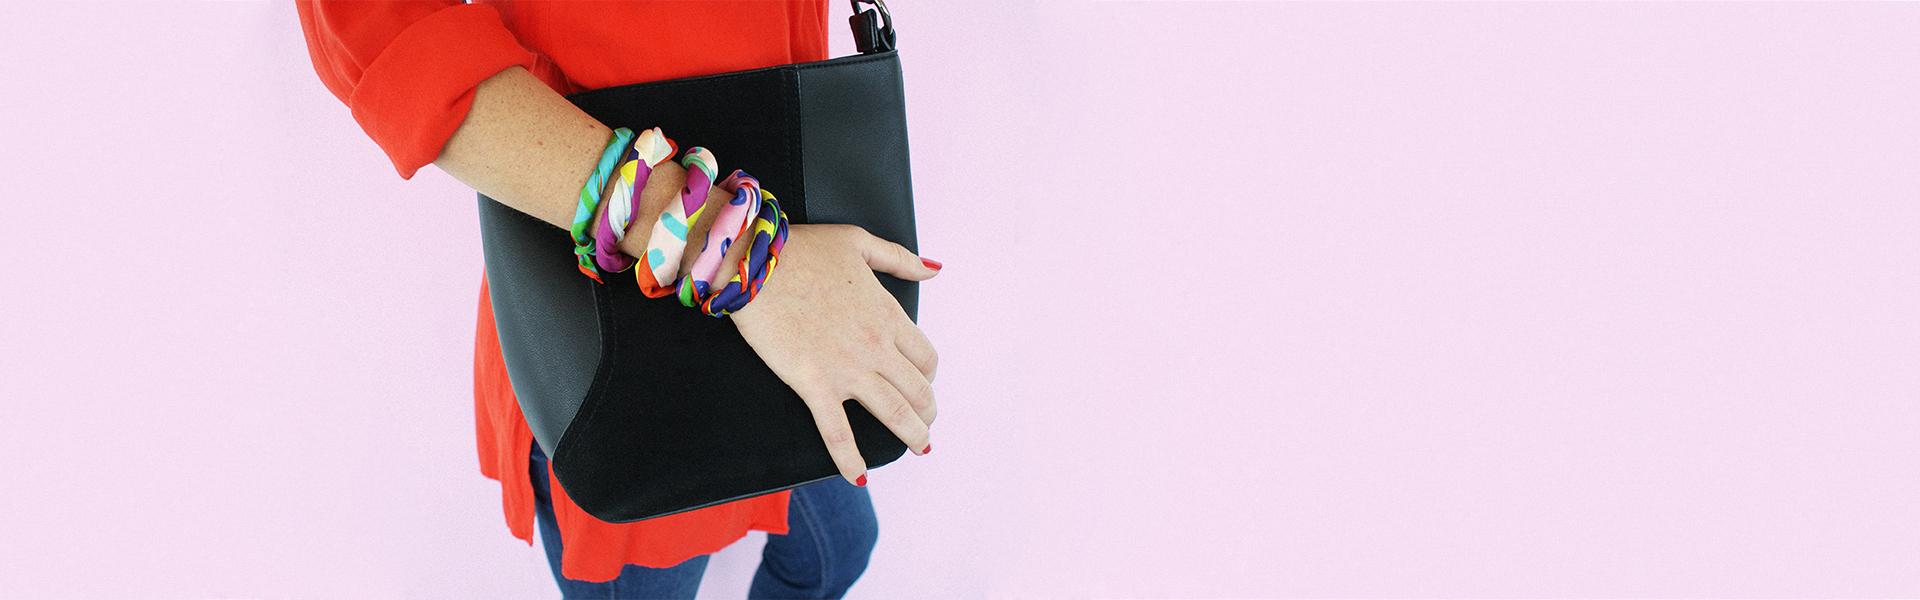 foulard lyon soie bijoux moderne femme